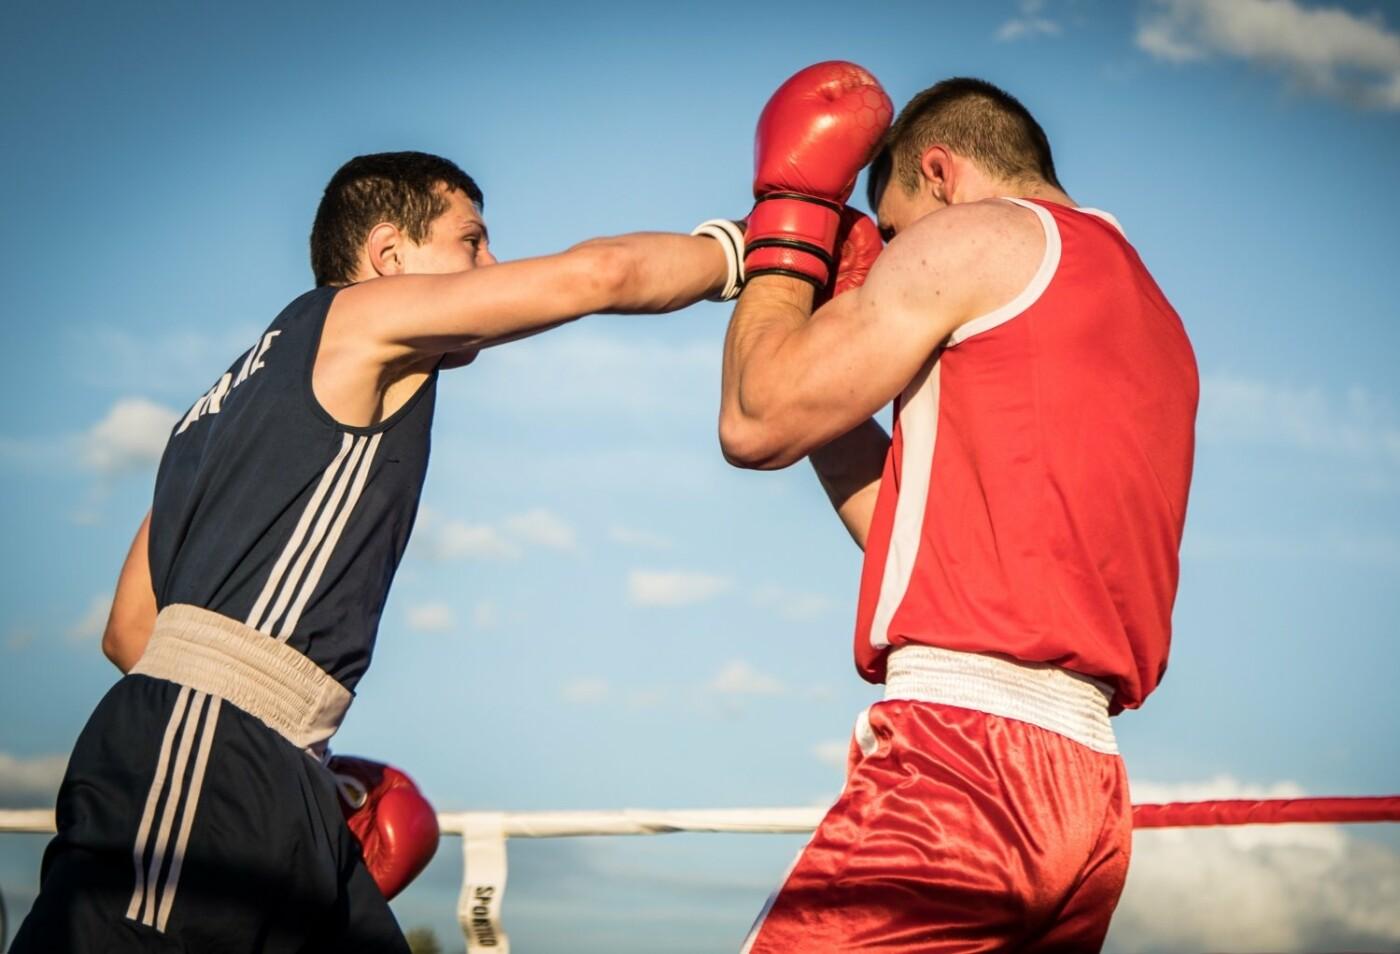 В Лисичанске прошел боксерский турнир памяти отца и сына Назаренко и концерт группы Армия, фото-3